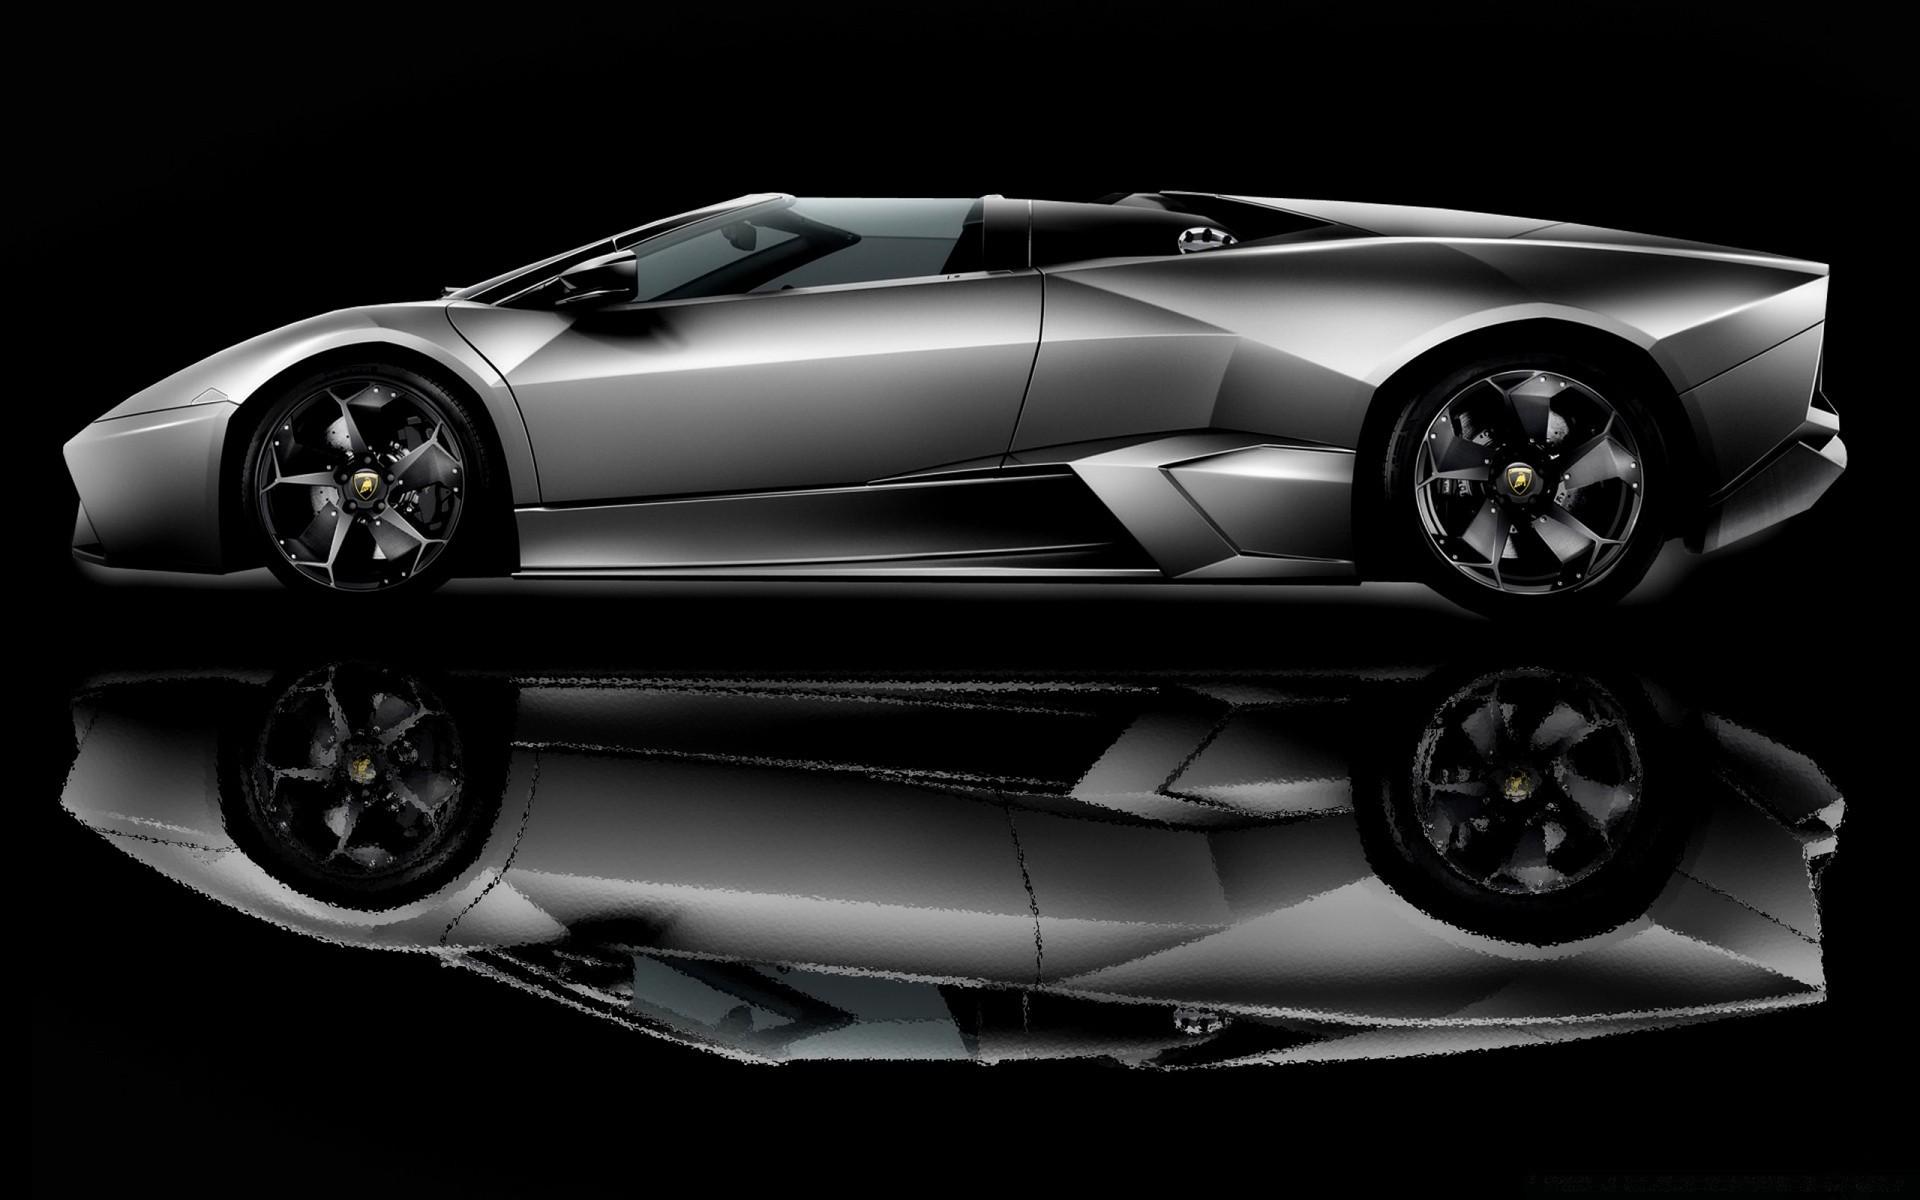 Lamborghini Reventon Roadster Desktop Wallpapers For Free